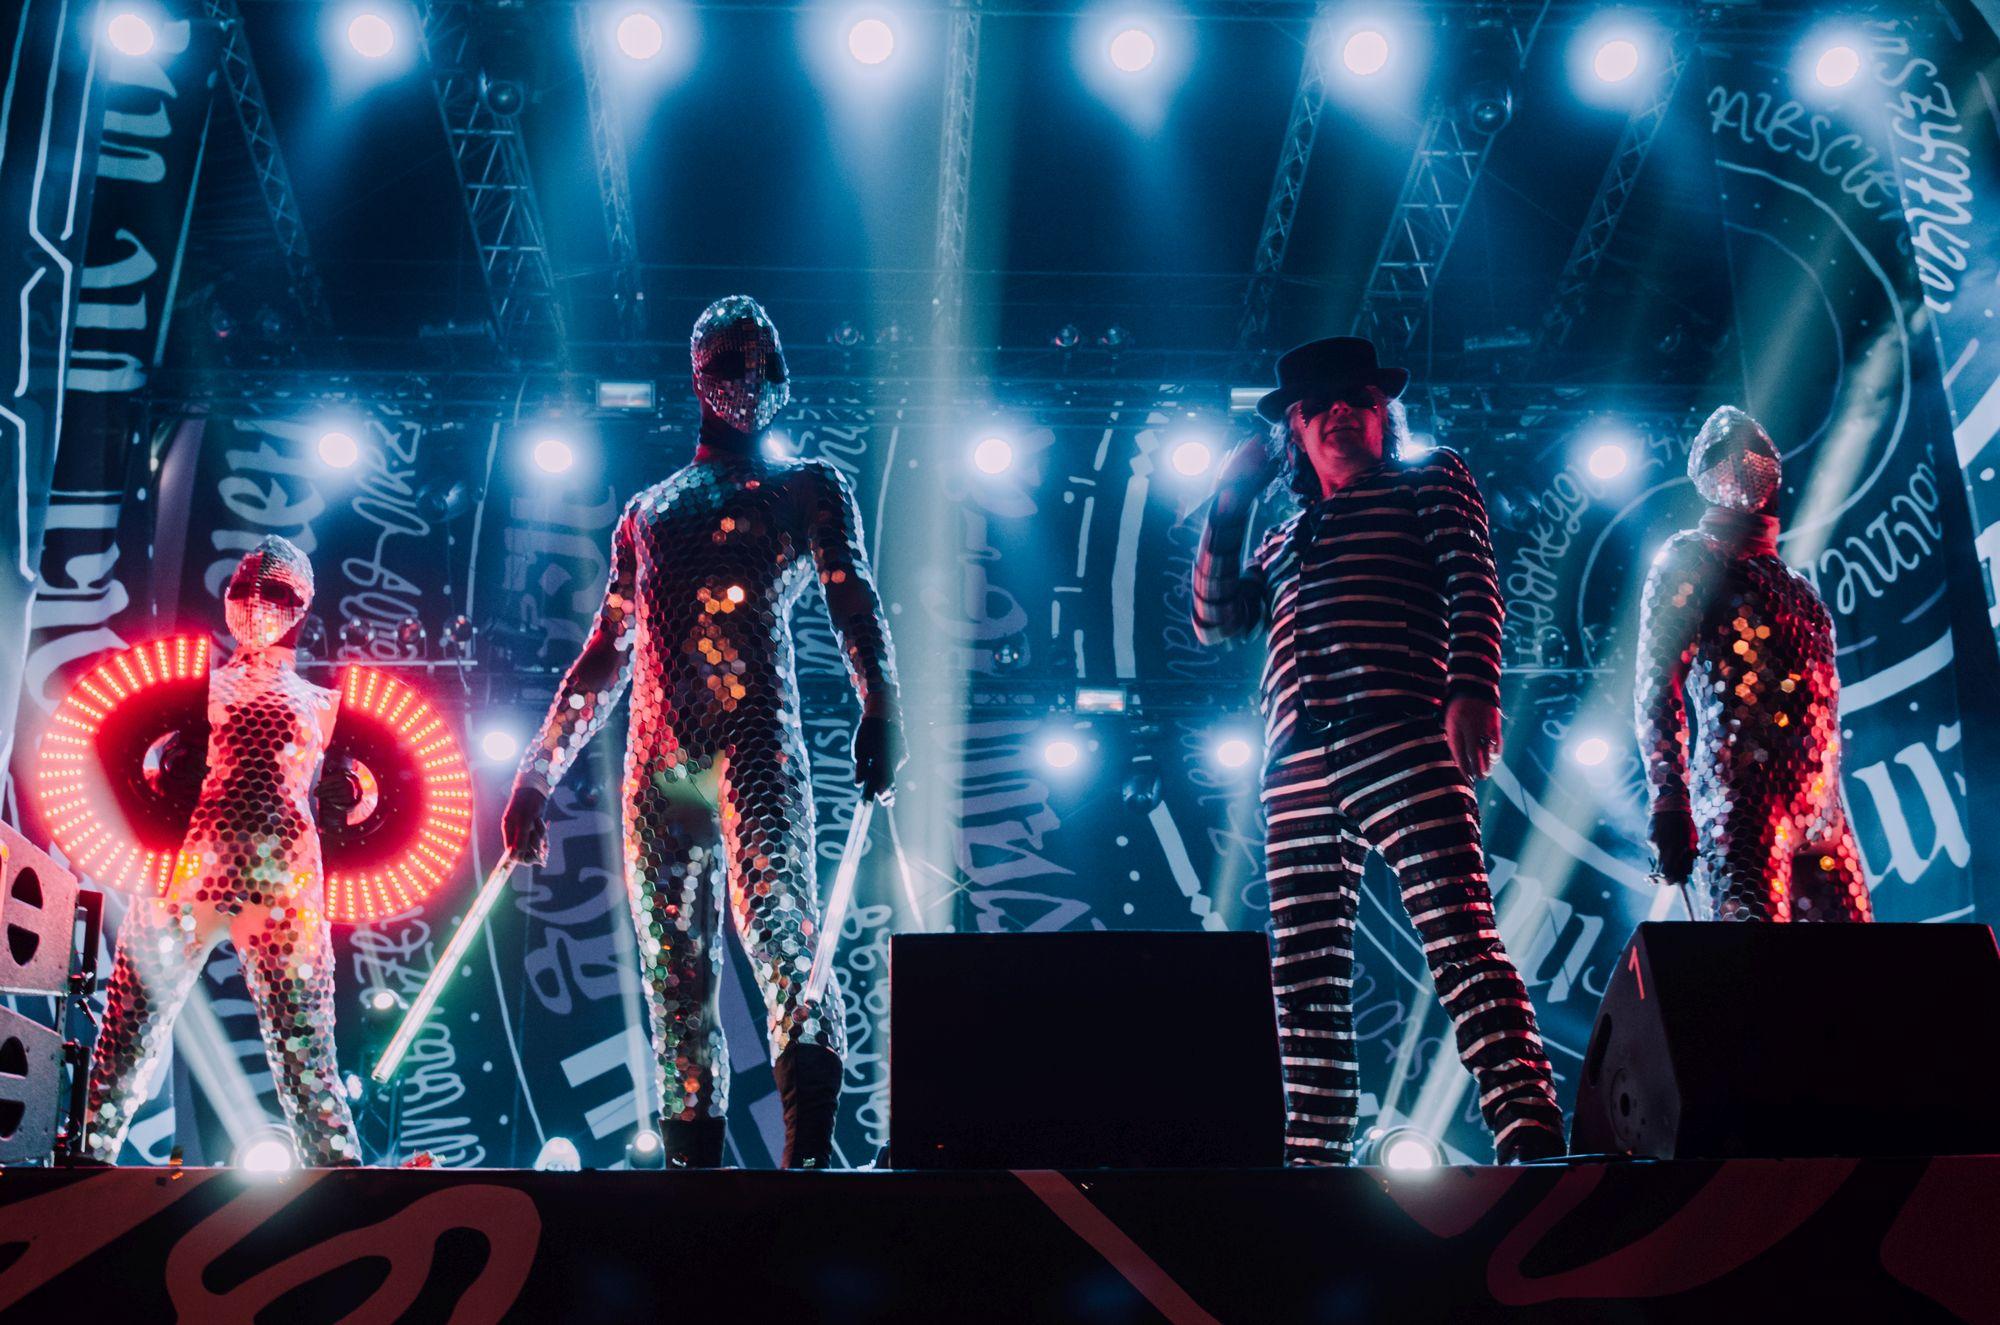 [Fotografia z koncertu Juno Reactor & Mutant Theatre. Czterech członków zespołu na scenie. Trzech z nich ubrani są w niesamowite stroje i maski złożone z cekinów i światełek. Jeden z nich ma kostium z materiału w paski oraz kapelusz na głowie. W tle niebieskie oświetlenie.]